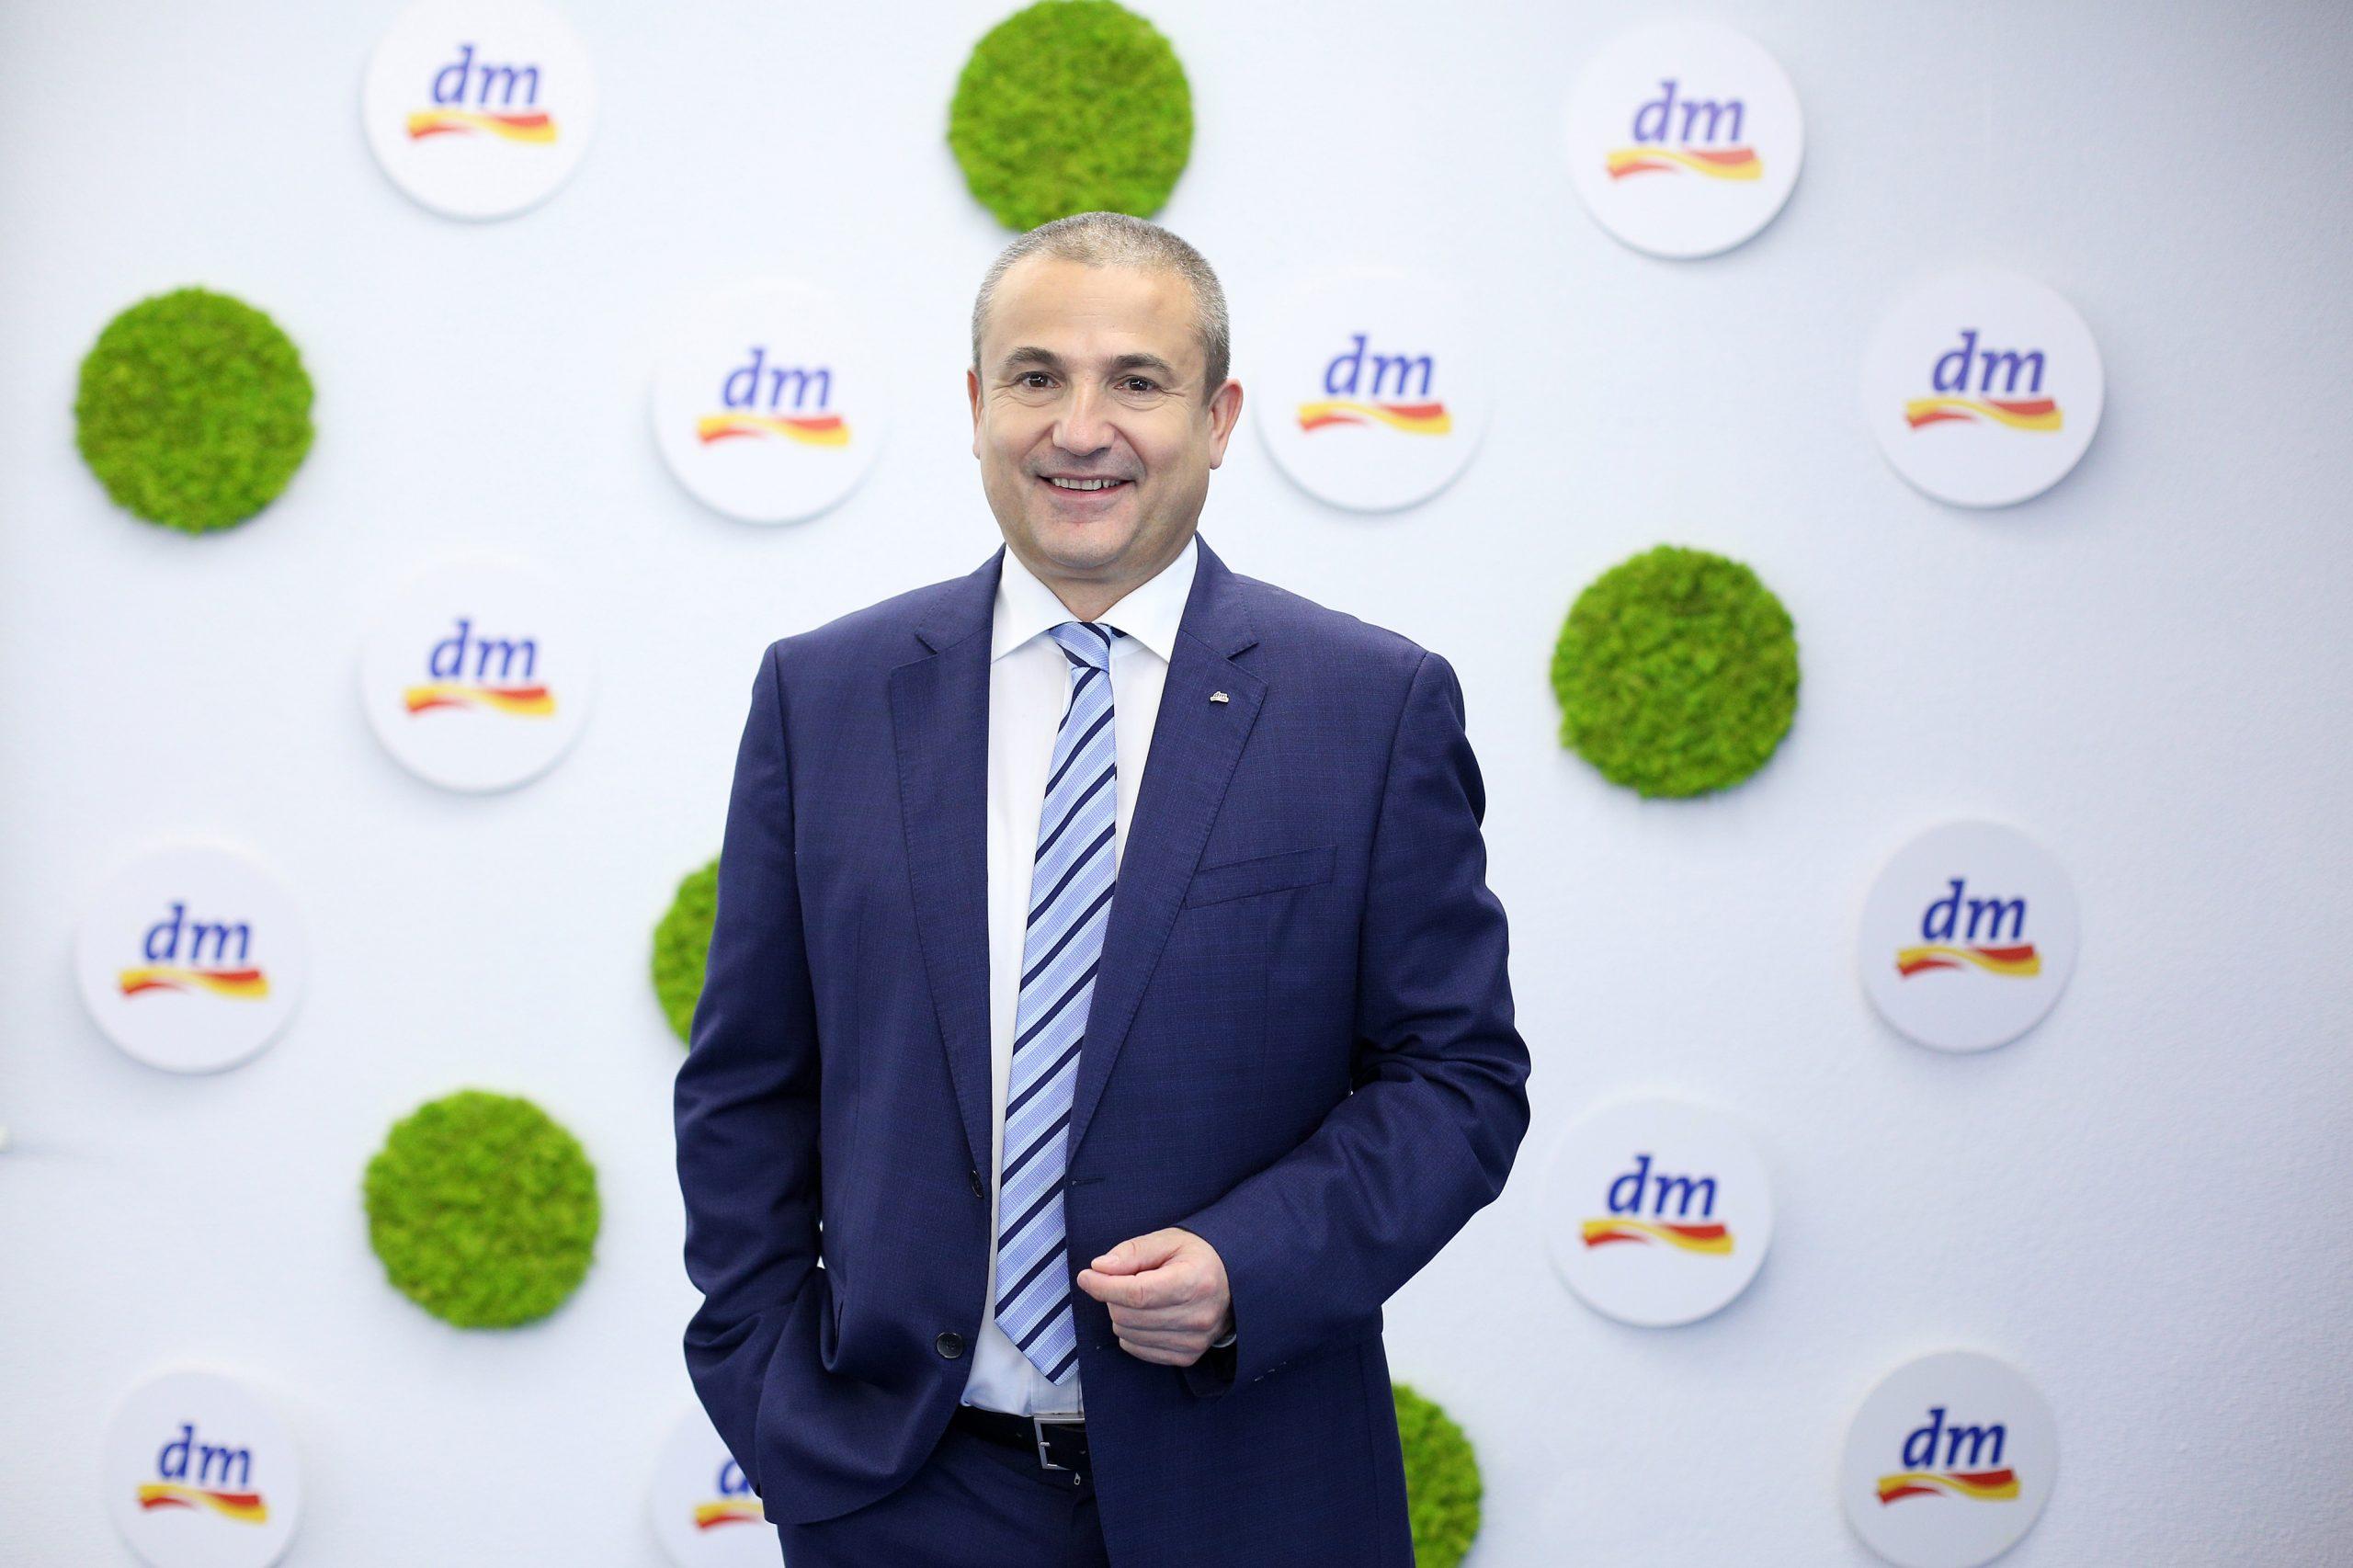 Mirko Mrakužić, CEO, dm - drogerie markt 1 - hrpsor Hrvatski poslovni savjet za održivi razvoj